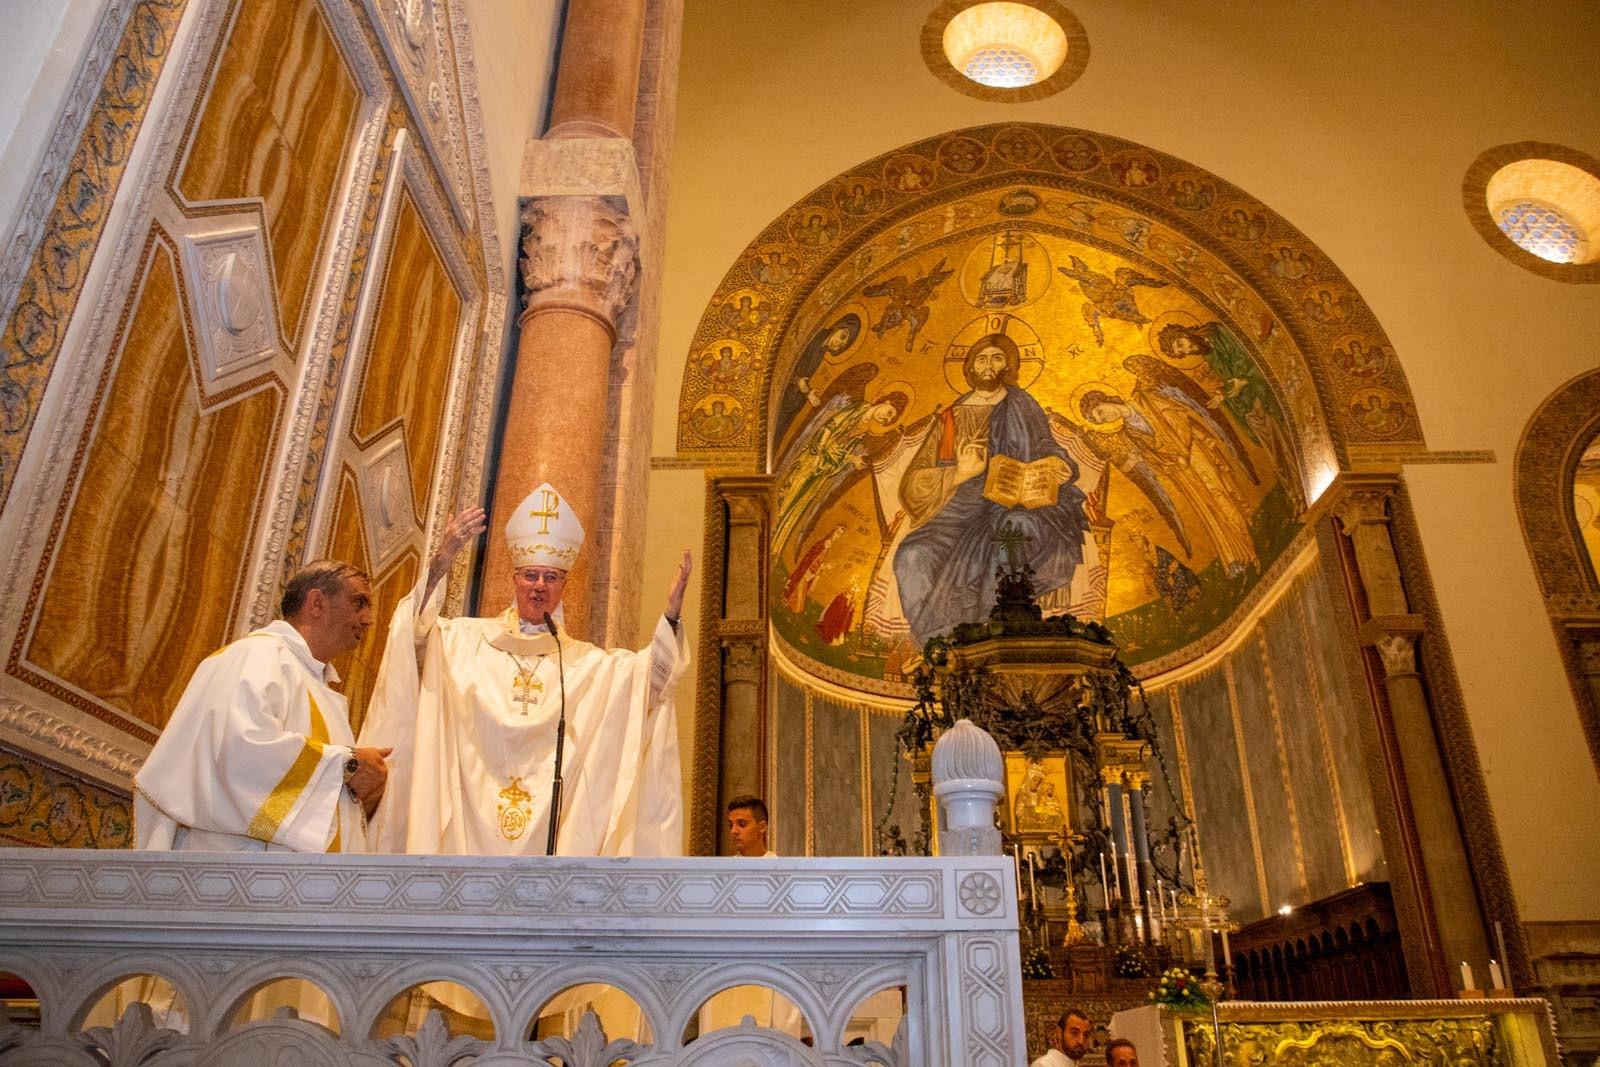 9.93 - La benedizione di Mons. Di Pietro